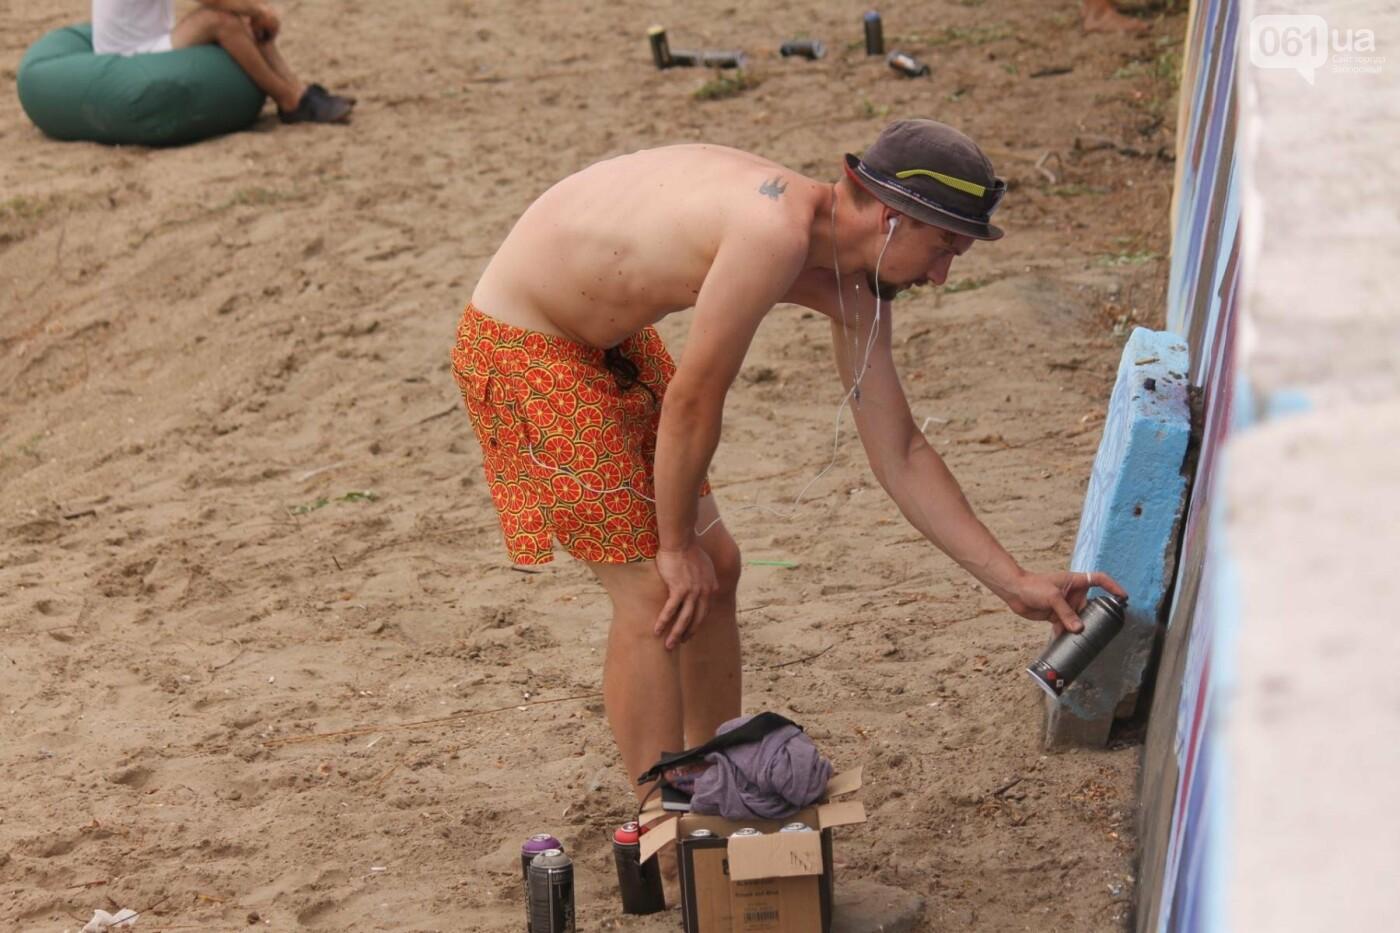 В Запорожье на пляже закончился фестиваль граффити: разрисовали 150 метров бетонной стены, – ФОТОРЕПОРТАЖ, фото-44